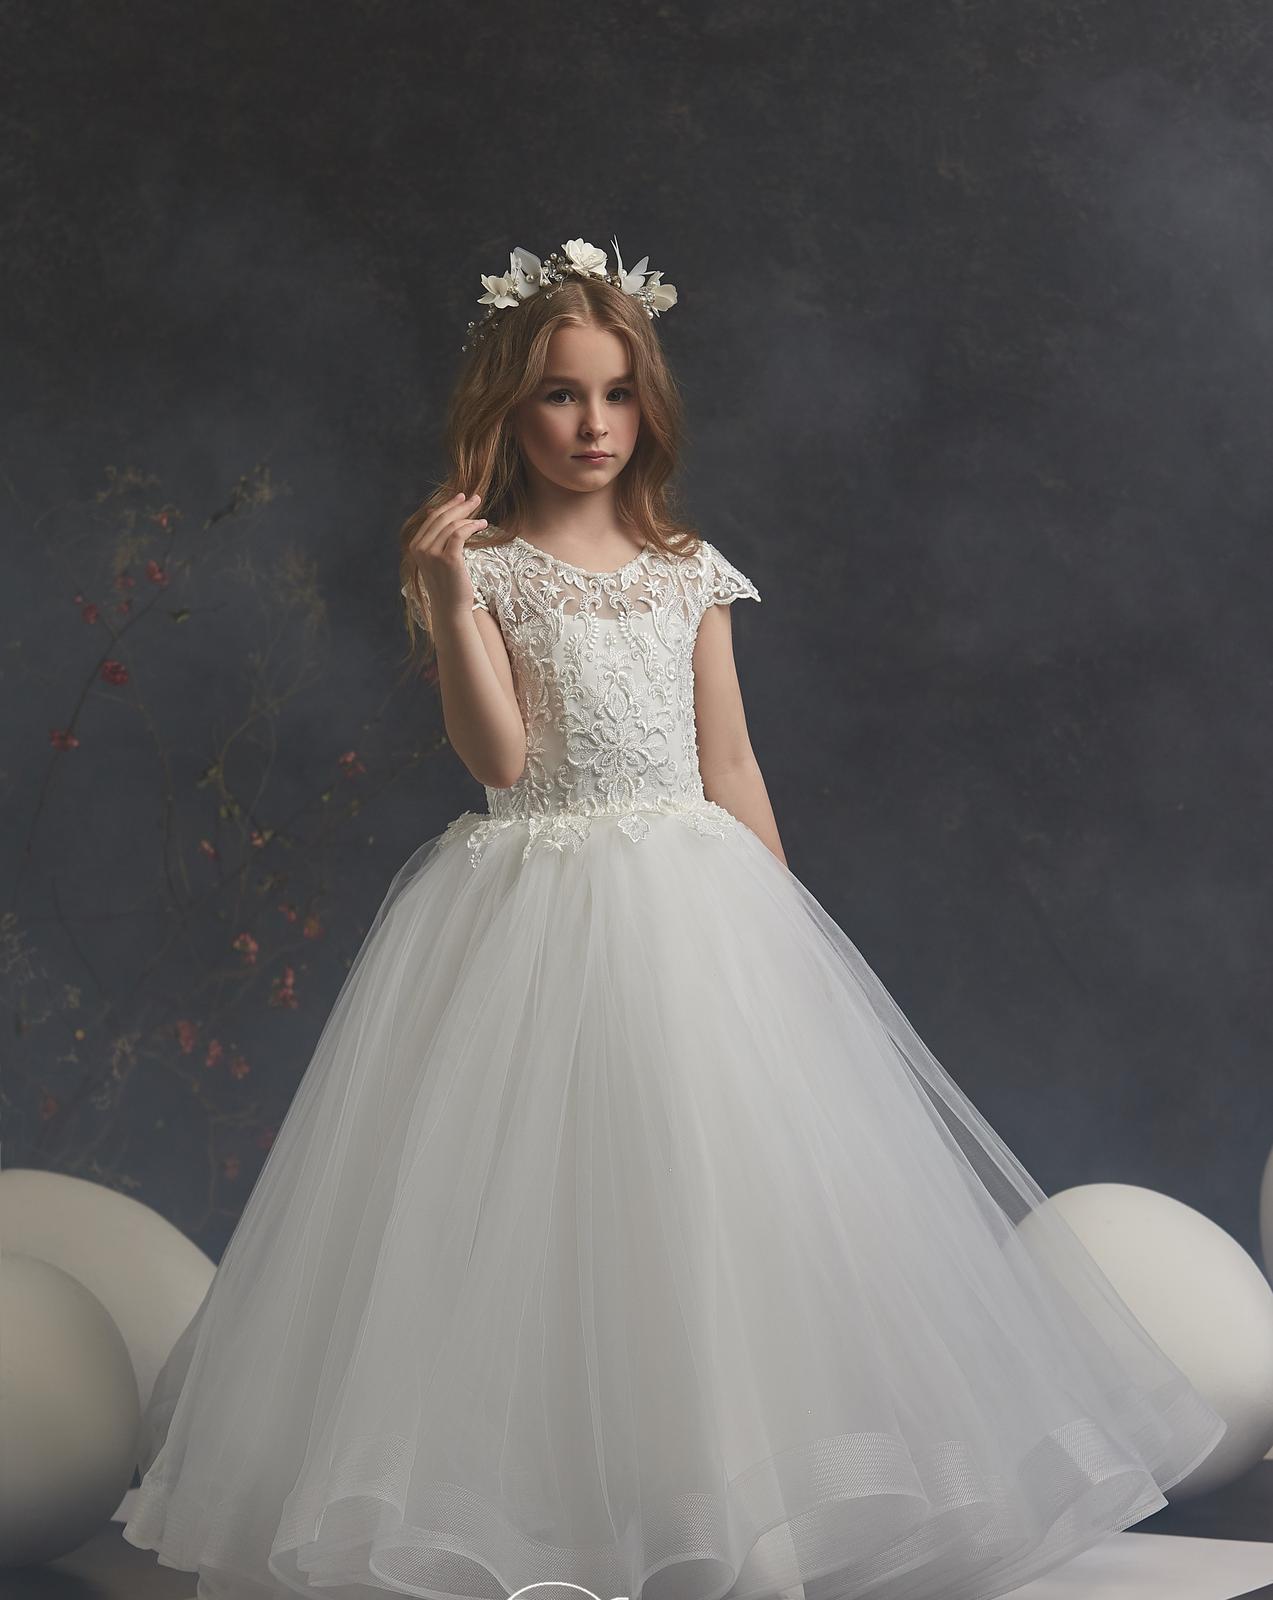 Šaty Princess - Obrázek č. 1